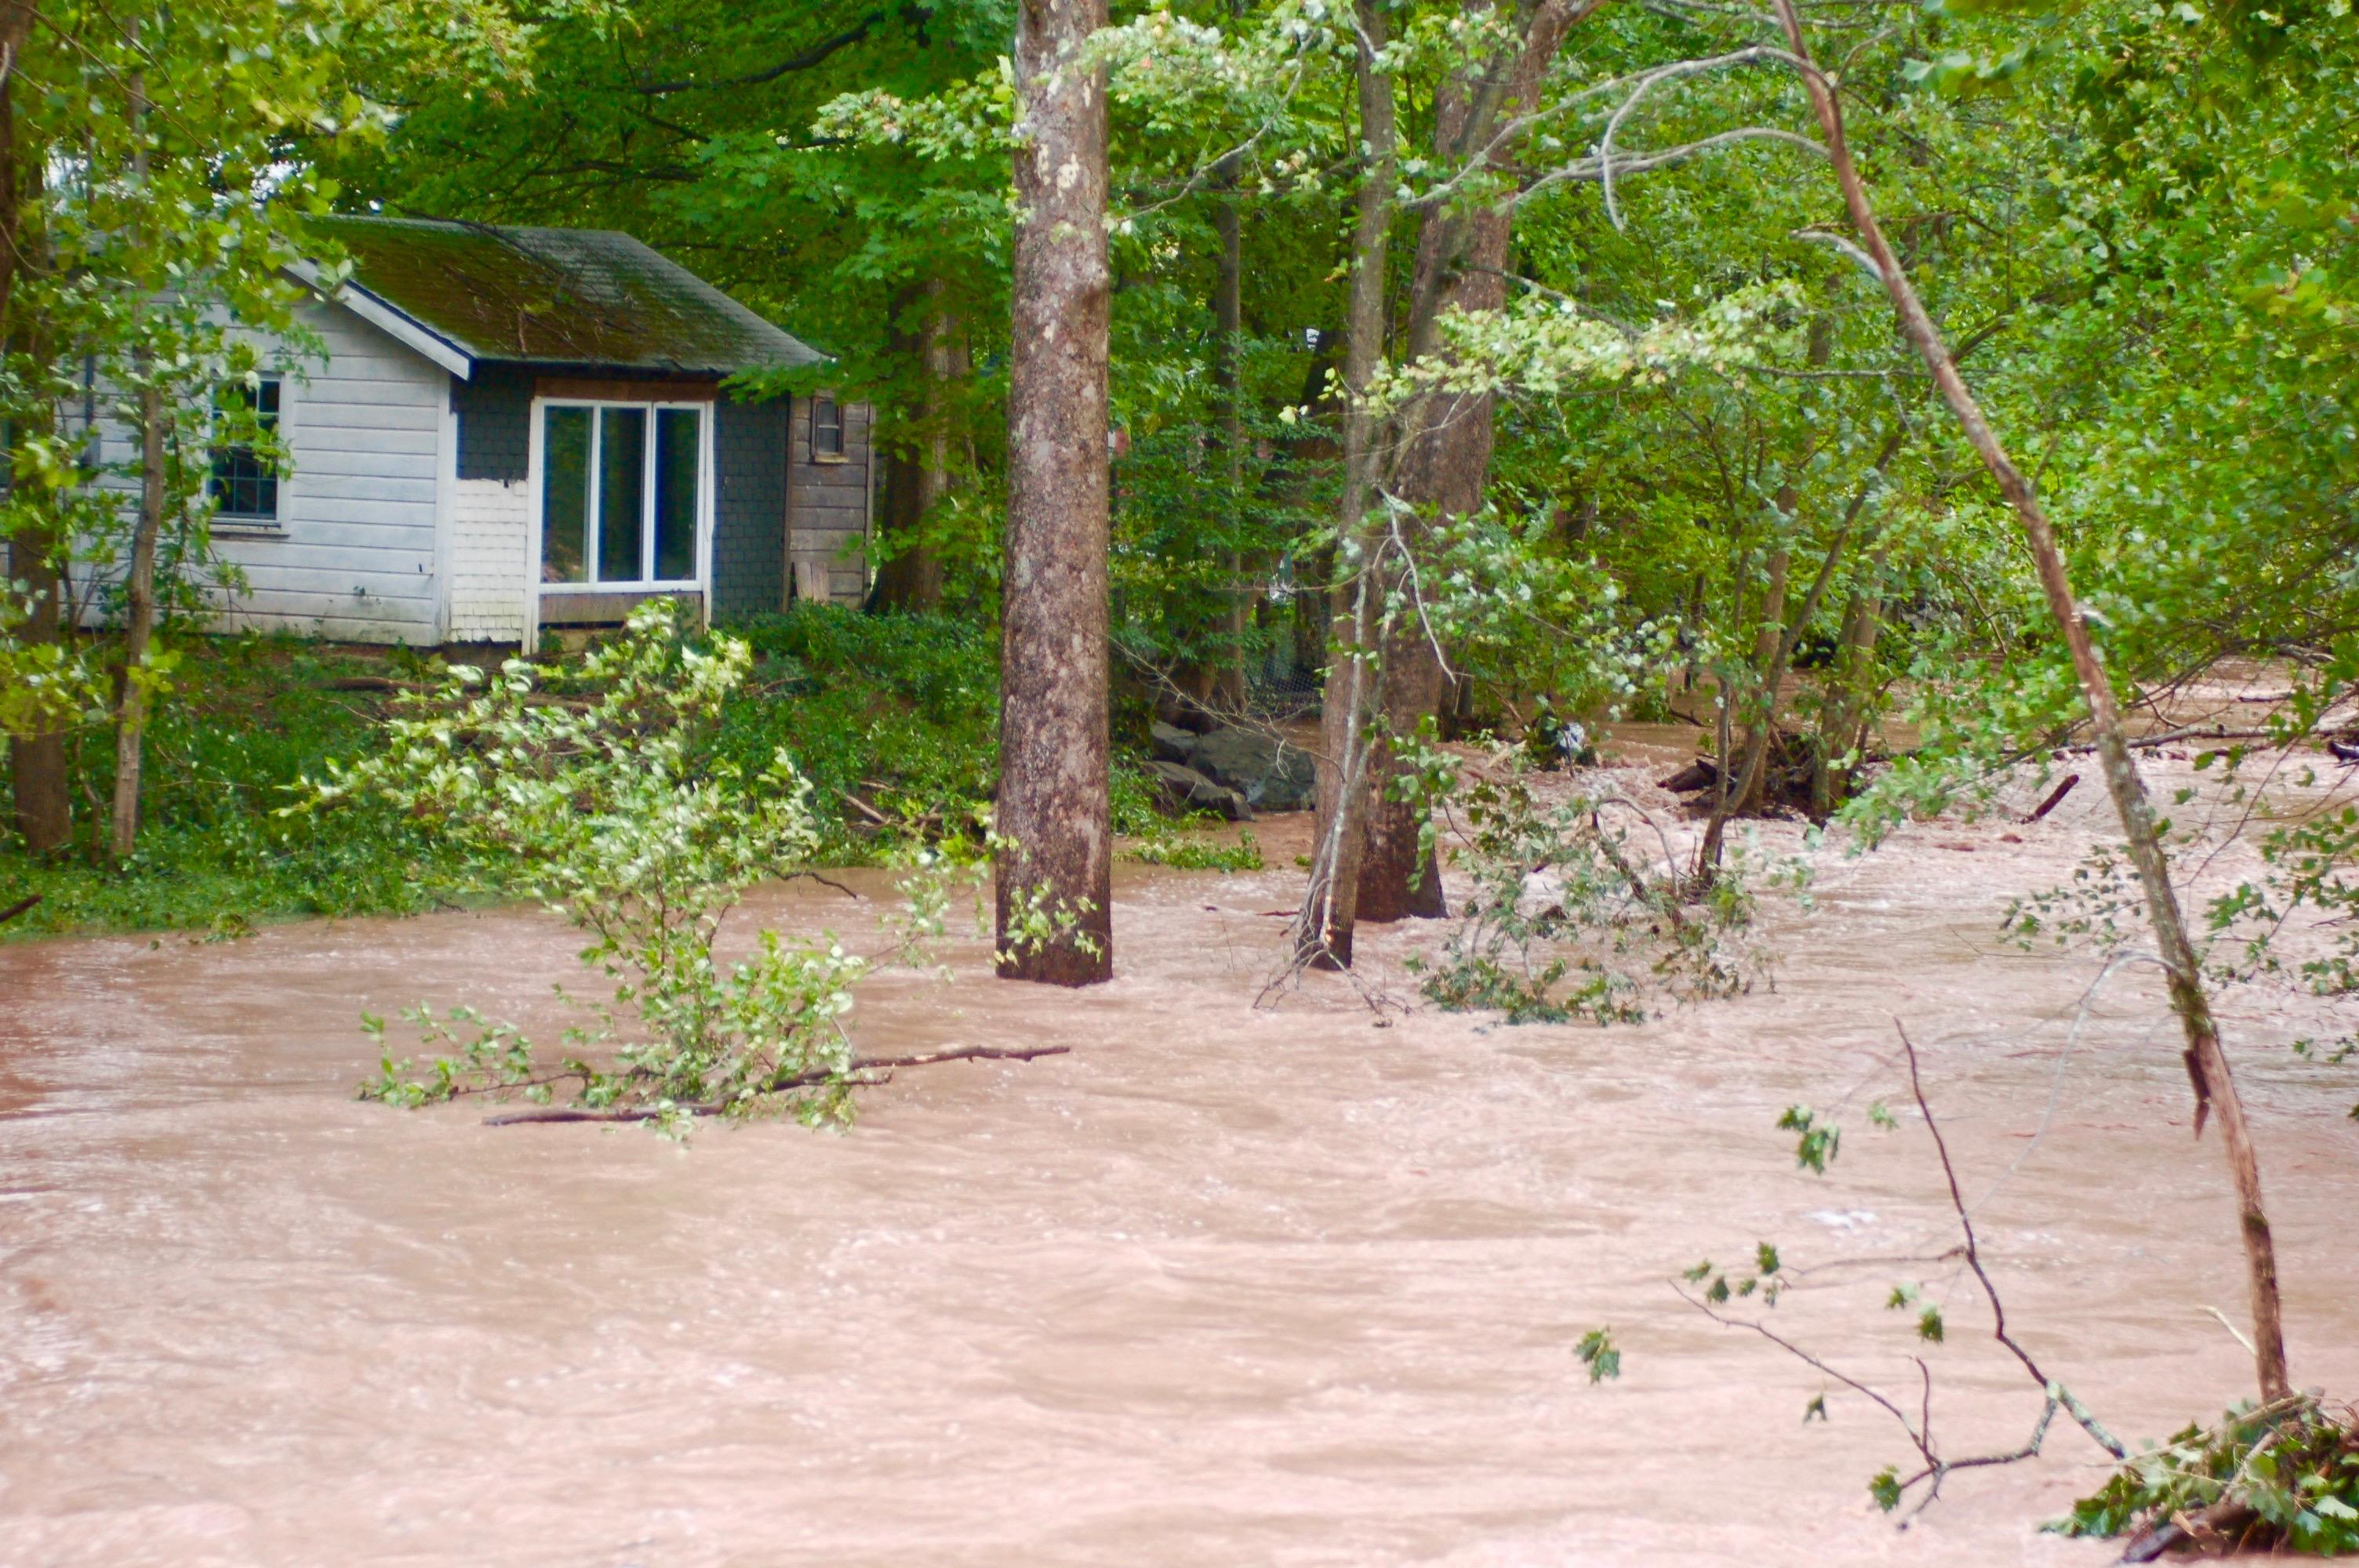 INUNDACIONES. Inundaciones y destrucci&oacute;n fue lo que dej&oacute; a su paso el Hurac&aacute;n Sandy que en el a&ntilde;o 2012 azot&oacute; el Valle del Hudson, dejando p&eacute;rdidas de aproximadamente $75 mil millones, siendo sobrepasado solamente por el Hurac&aacute;n Katrina. A su paso por el Caribe y el Noreste estadounidense, el fen&oacute;meno, que muchos creen es resultado de los cambios climatol&oacute;gicos, dej&oacute; m&aacute;s de 200 muertos.<br />&nbsp;